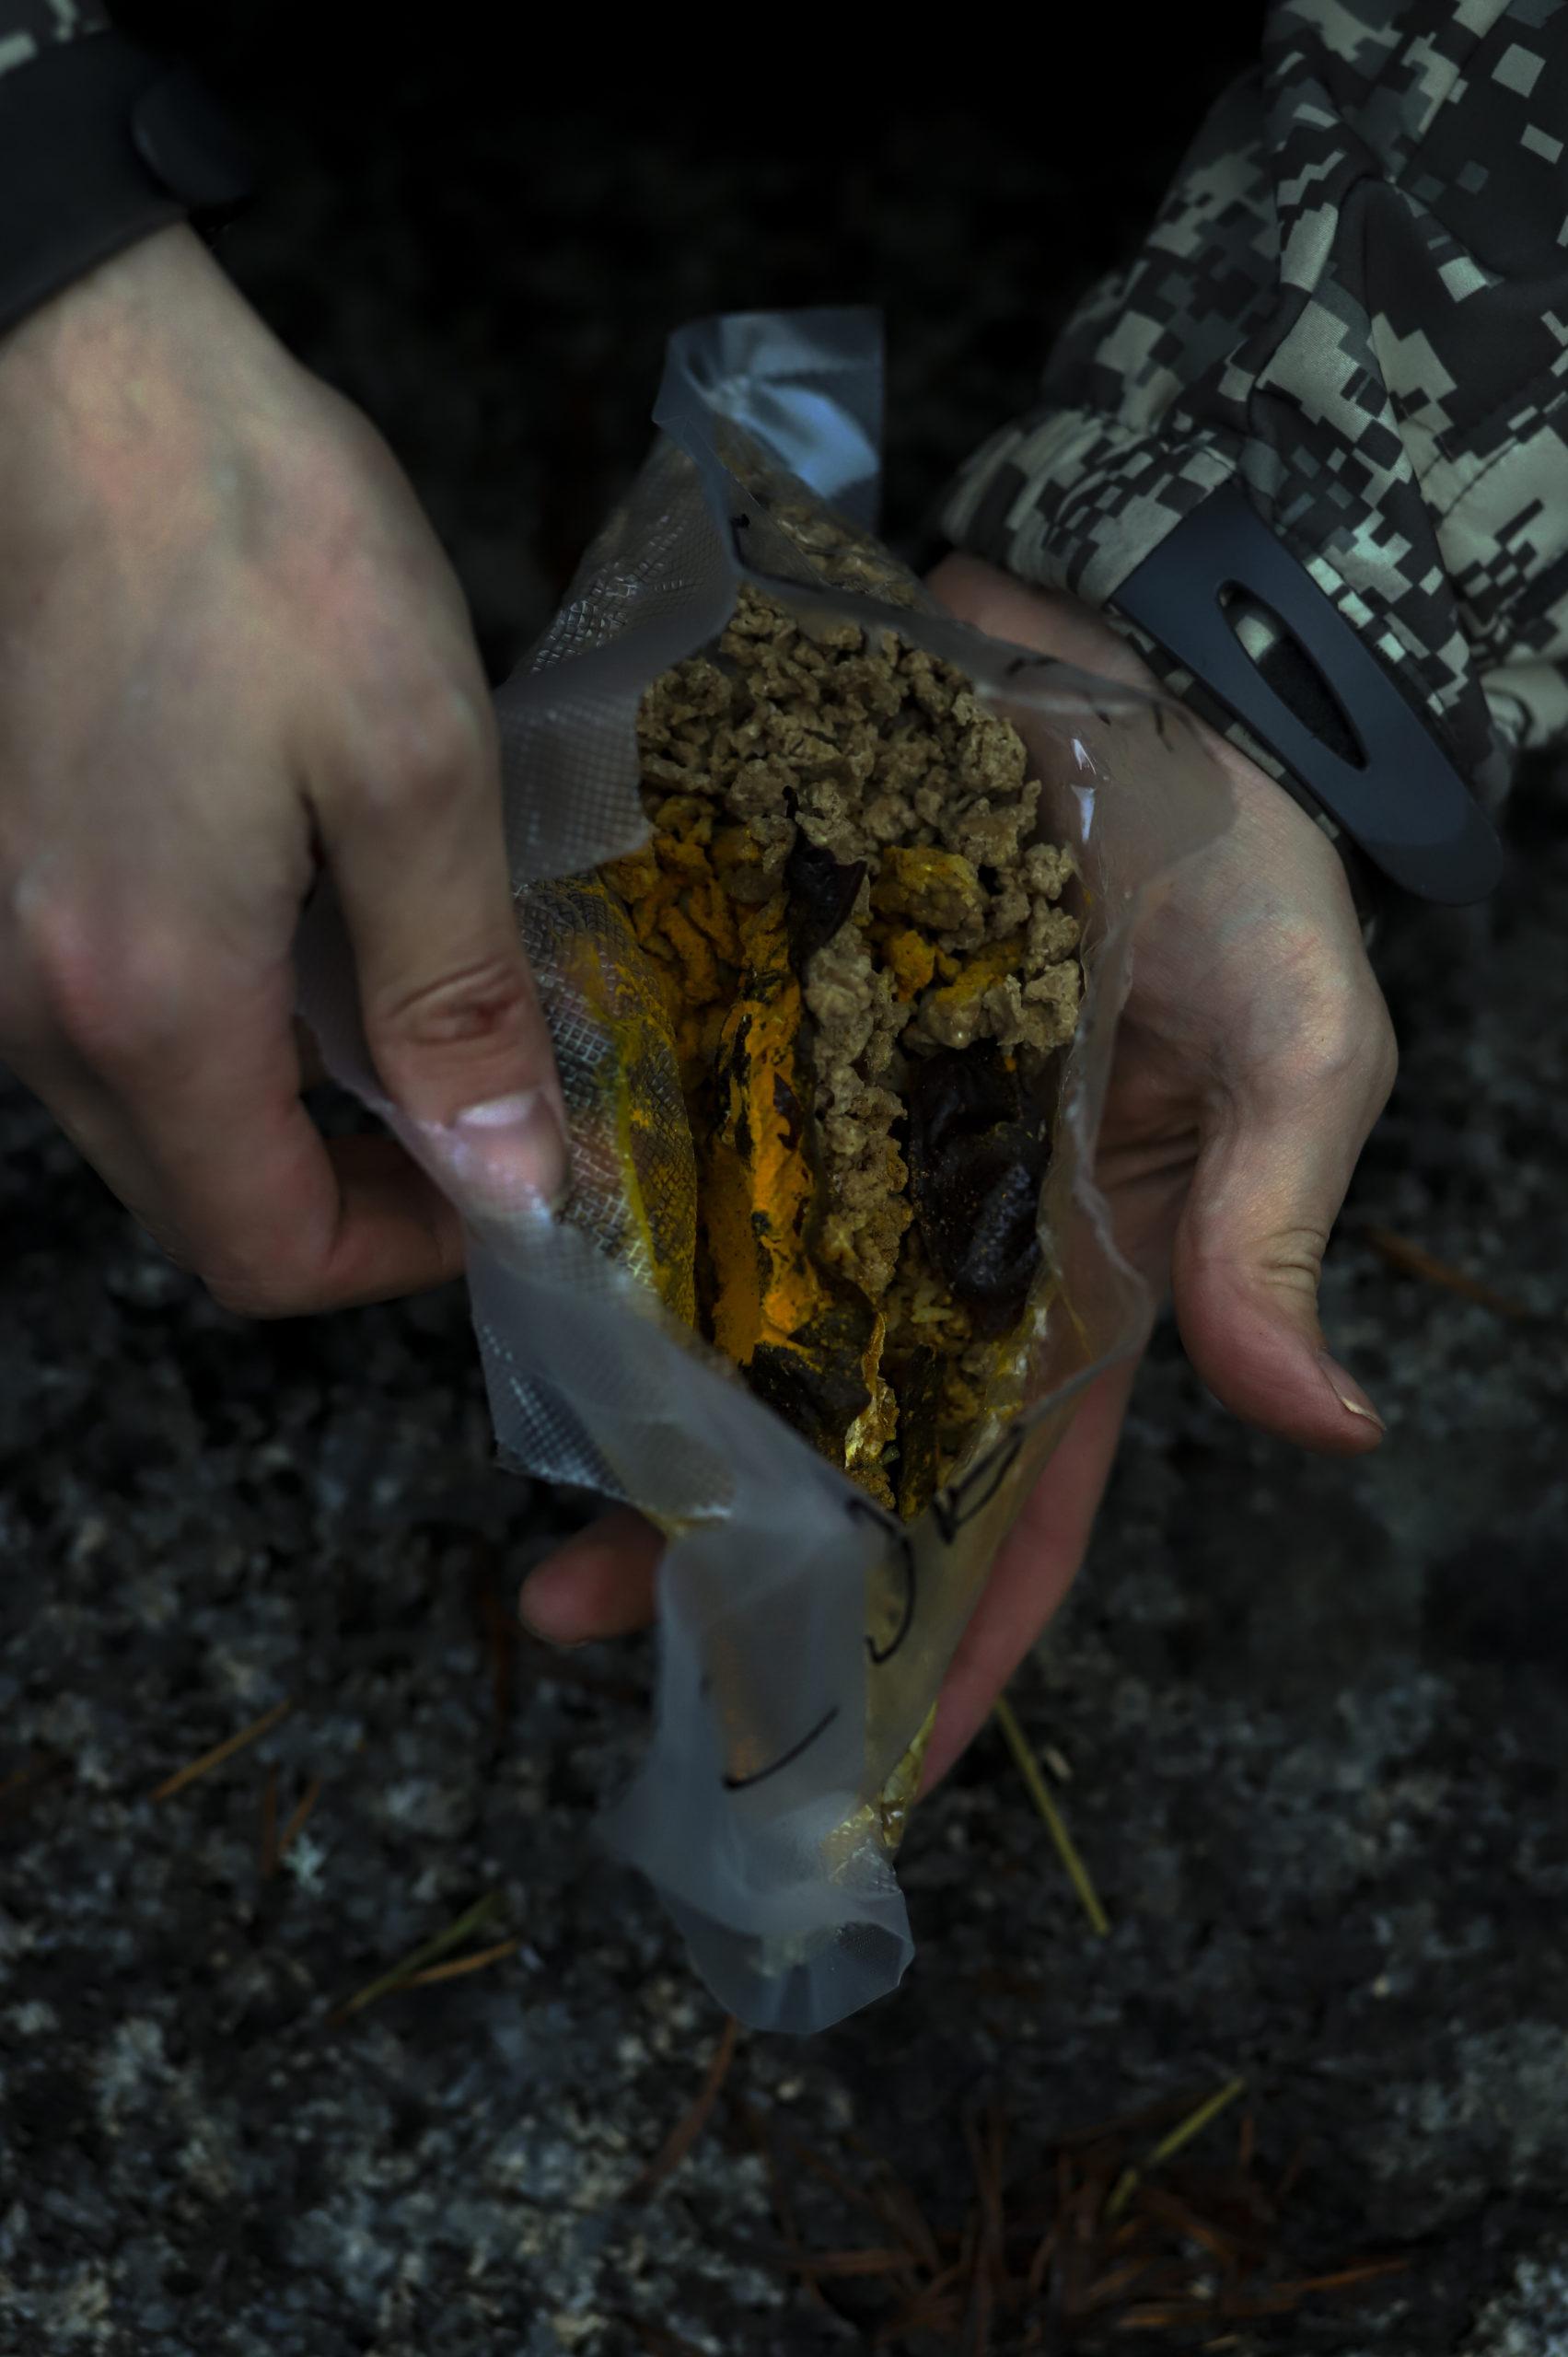 Lähikuva käsistä, jotka pitelevät kuivaruokaa muovitaskussa